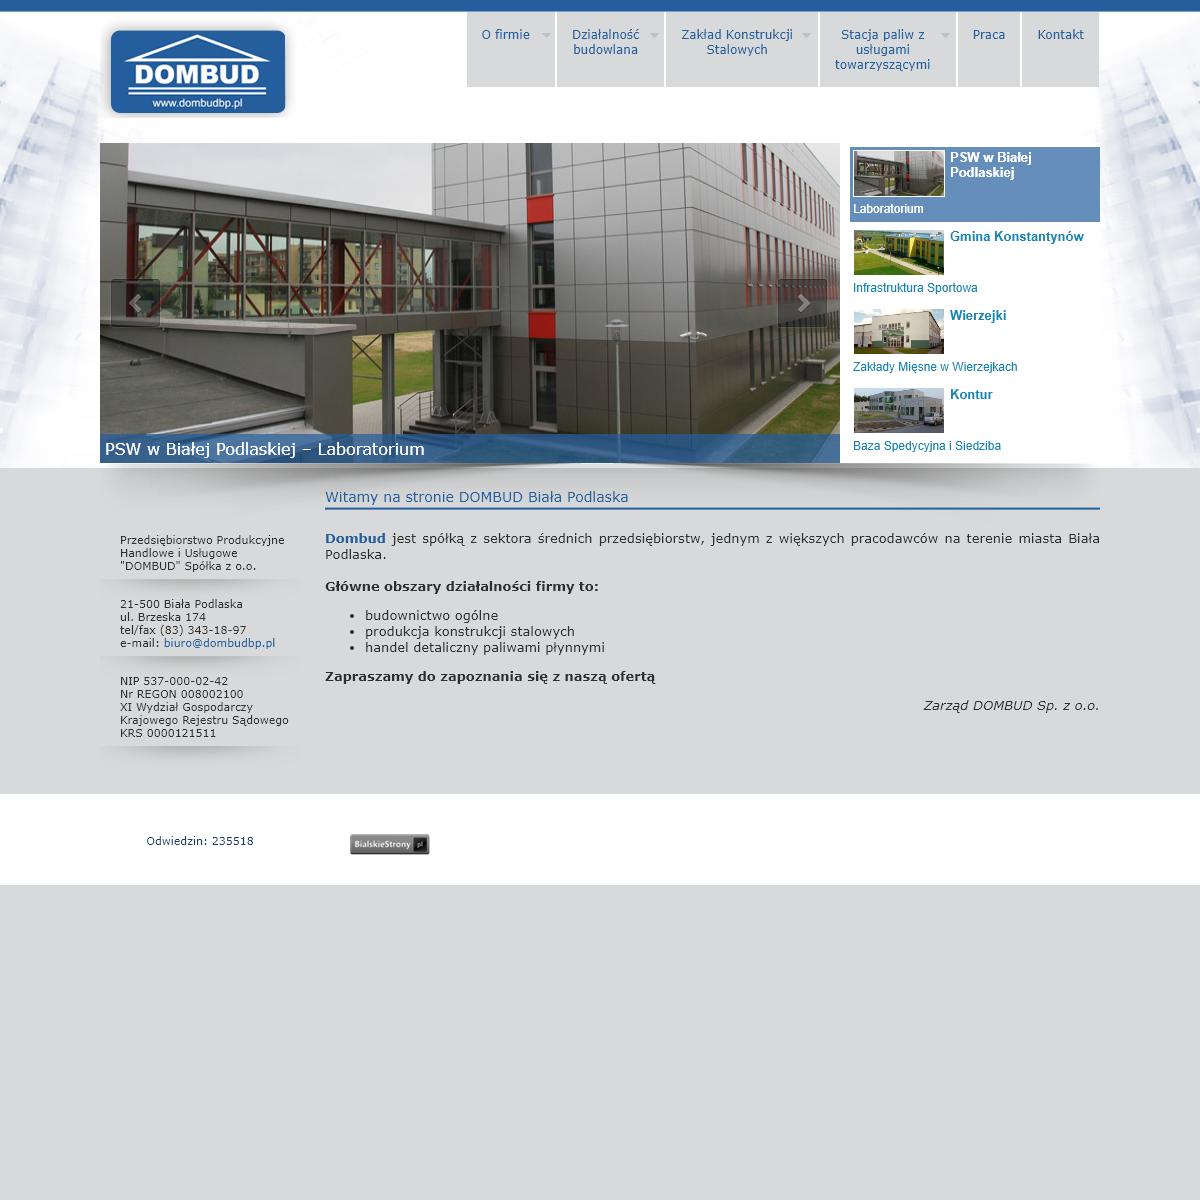 DOMBUD - Przedsiębiorstwo Produkcyjne, Handlowe i Usługowe, Konstrukcje Stalowe